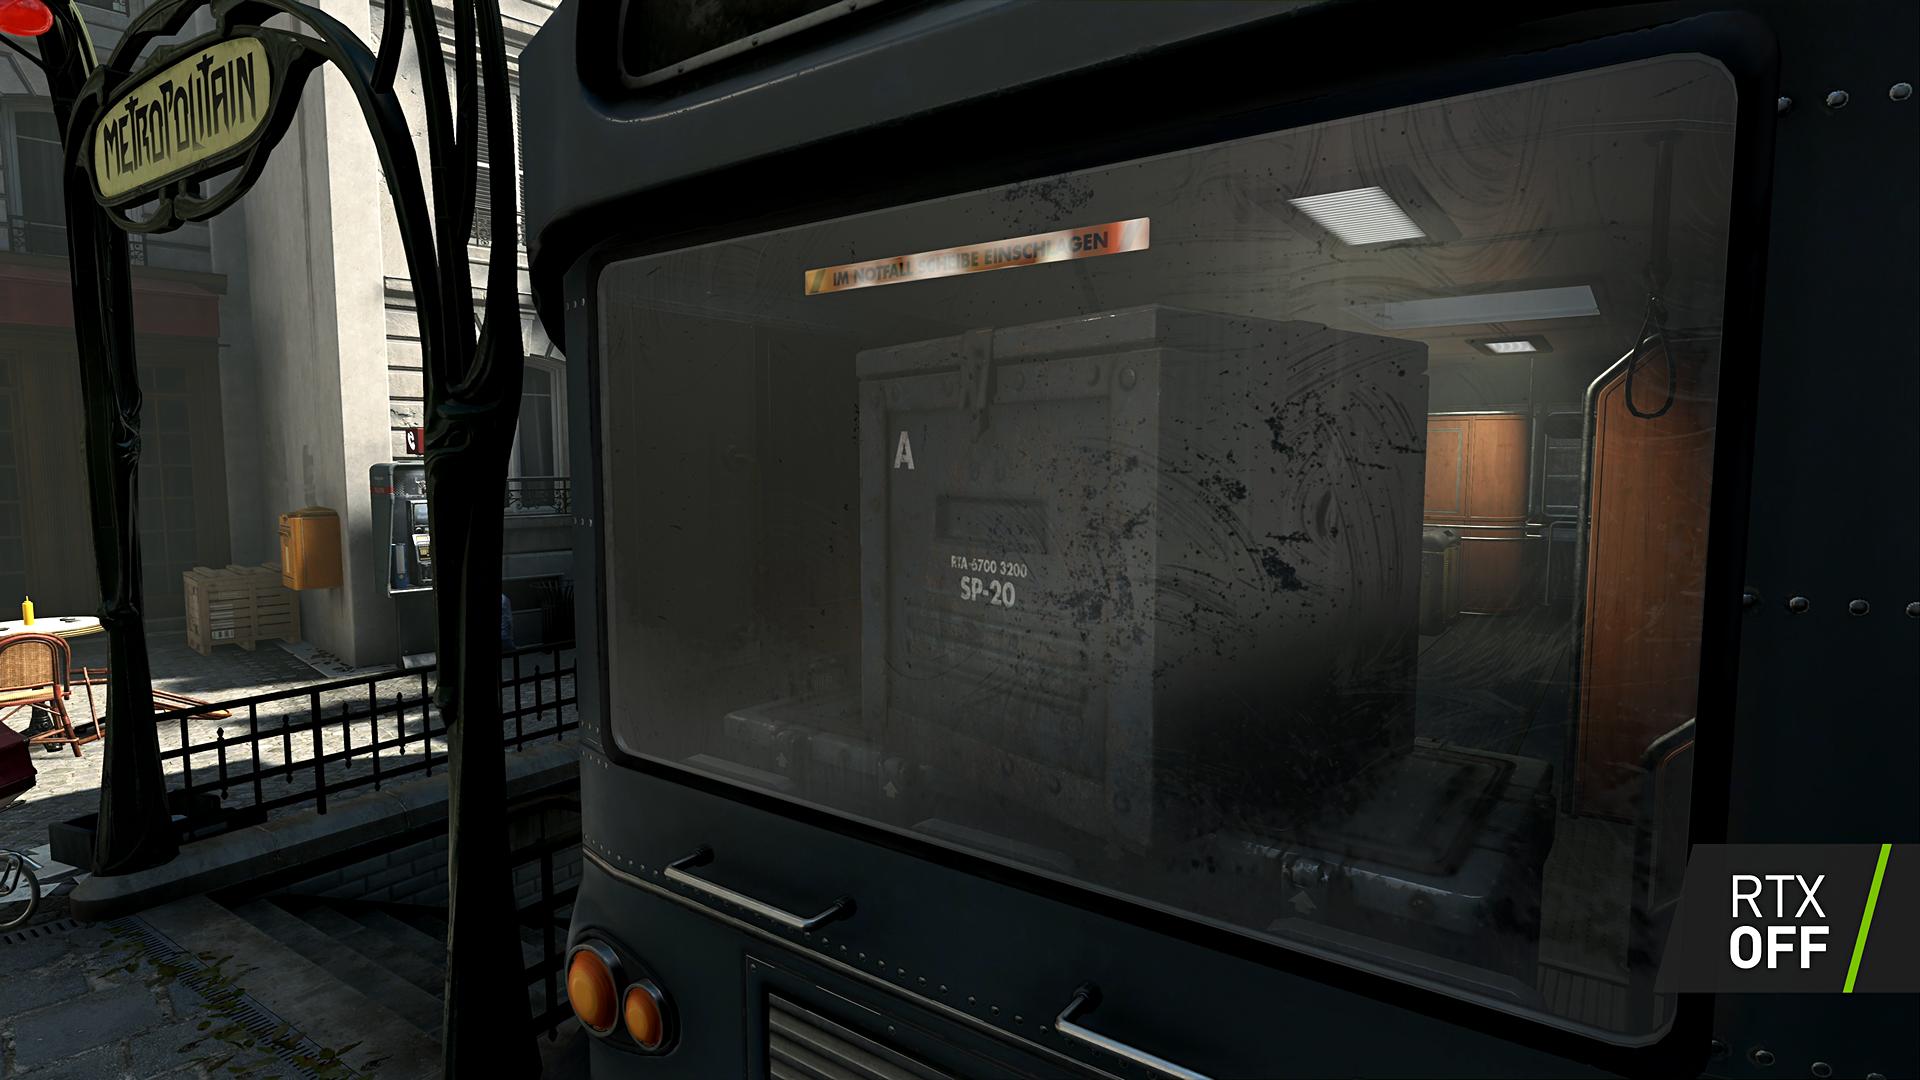 Machine Games: Wolfenstein Youngblood erhält Raytracing - Wolfenstein Youngblood ohne Raytracing (Bild: Nvidia)